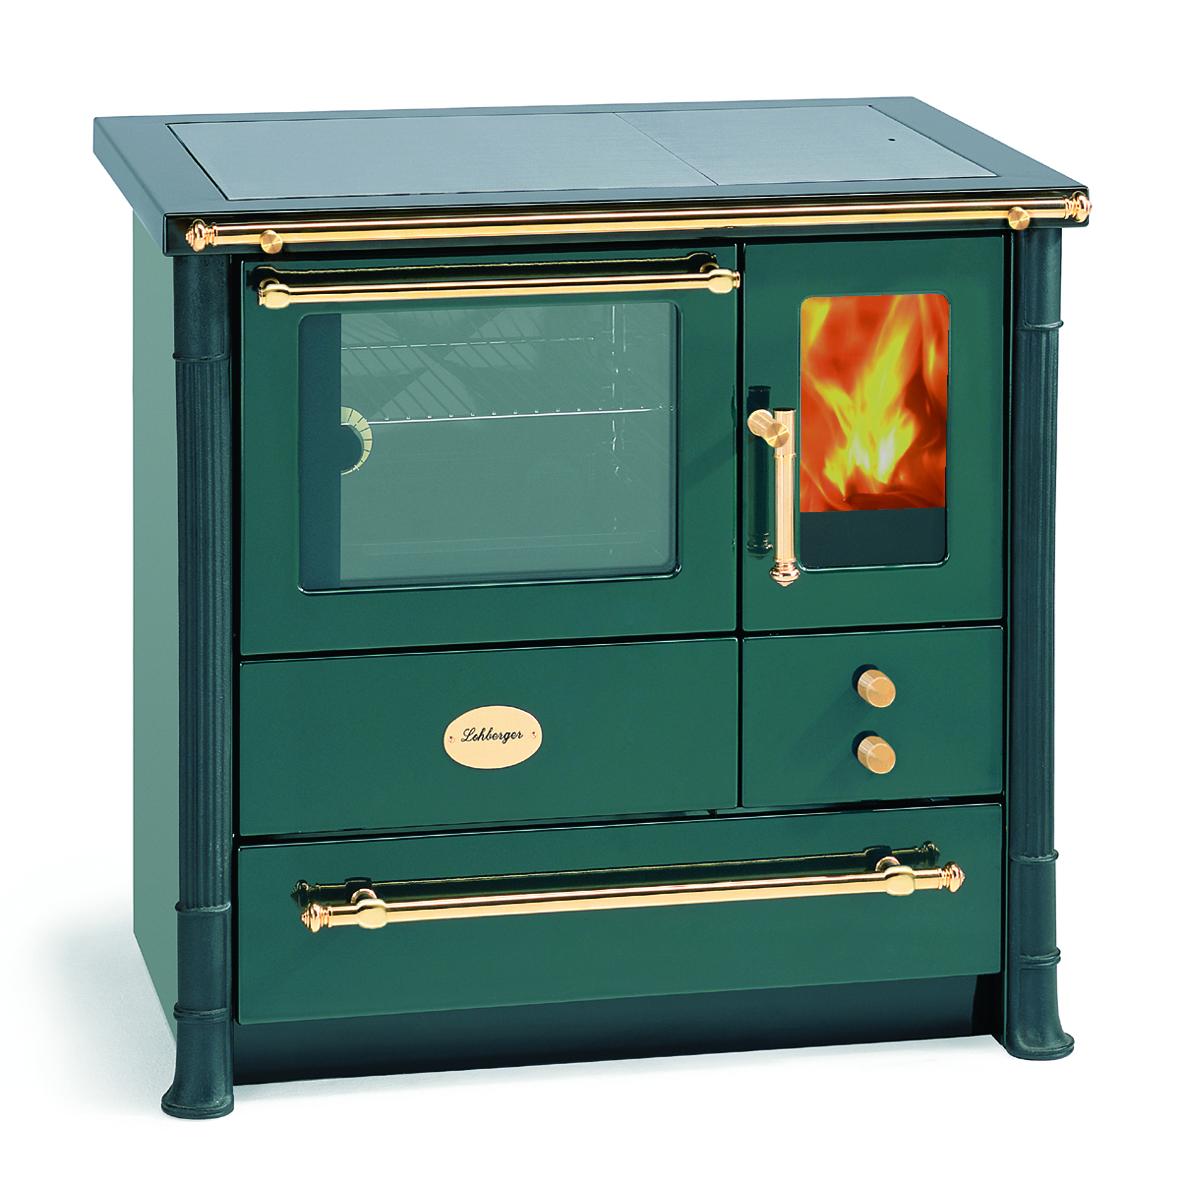 cuisinière à bois autrichienne, cuisinière à bois verte, cuisinière solde, cuisinière promo, cuisinière à bois prix